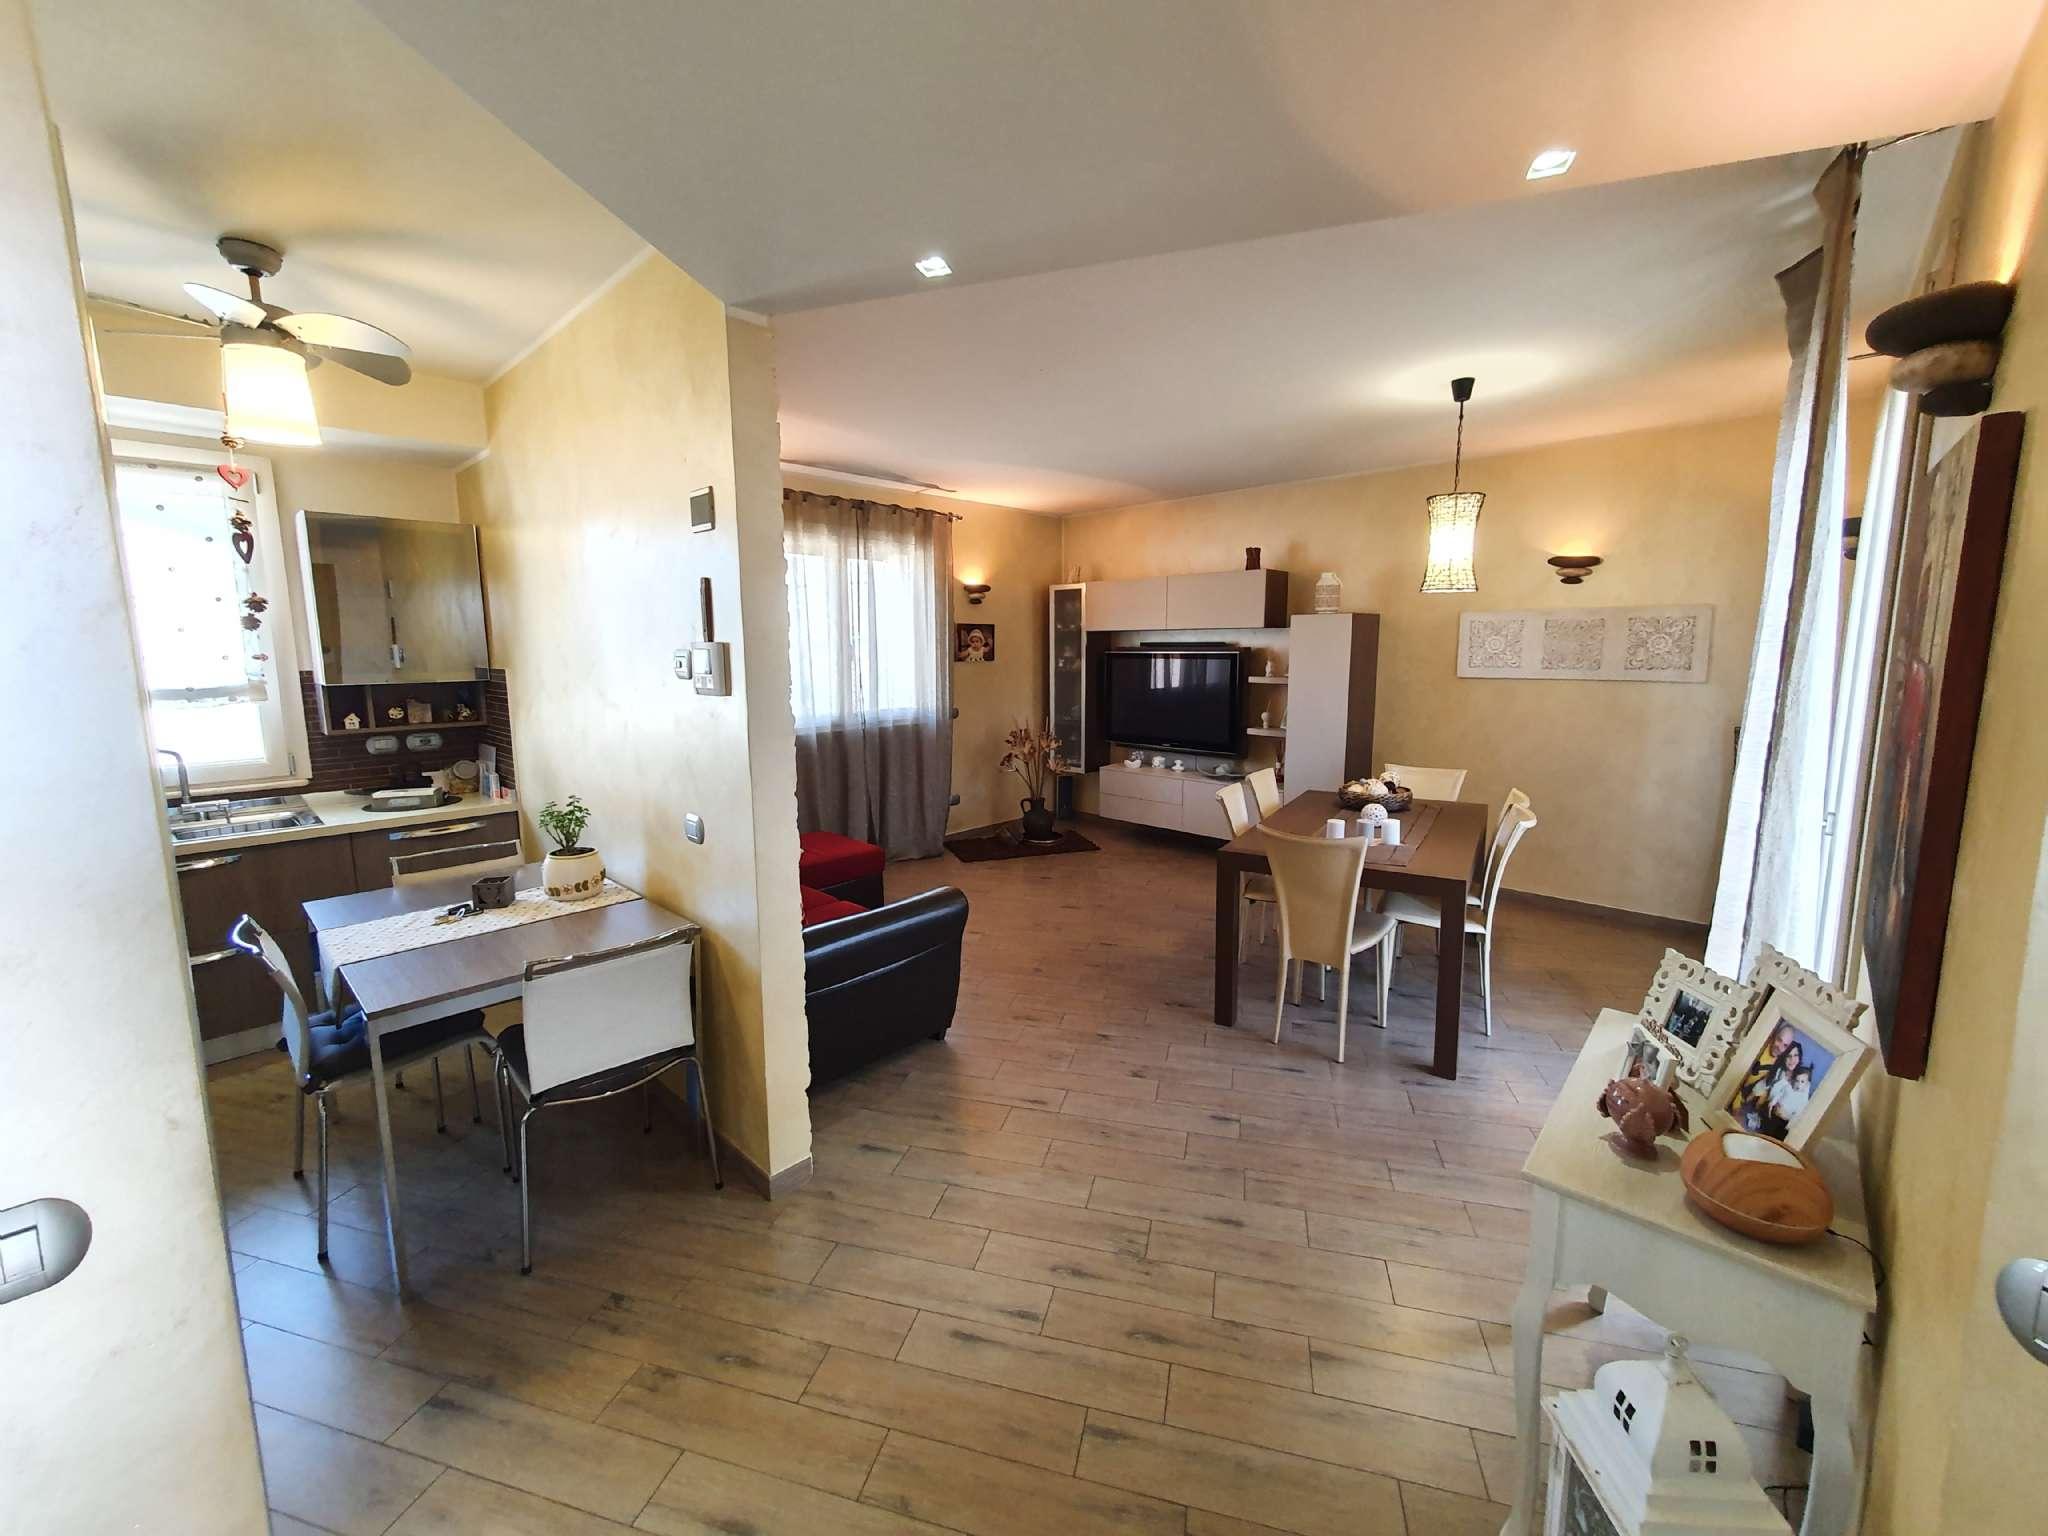 Appartamento in vendita a Meda, 3 locali, prezzo € 258.000 | PortaleAgenzieImmobiliari.it